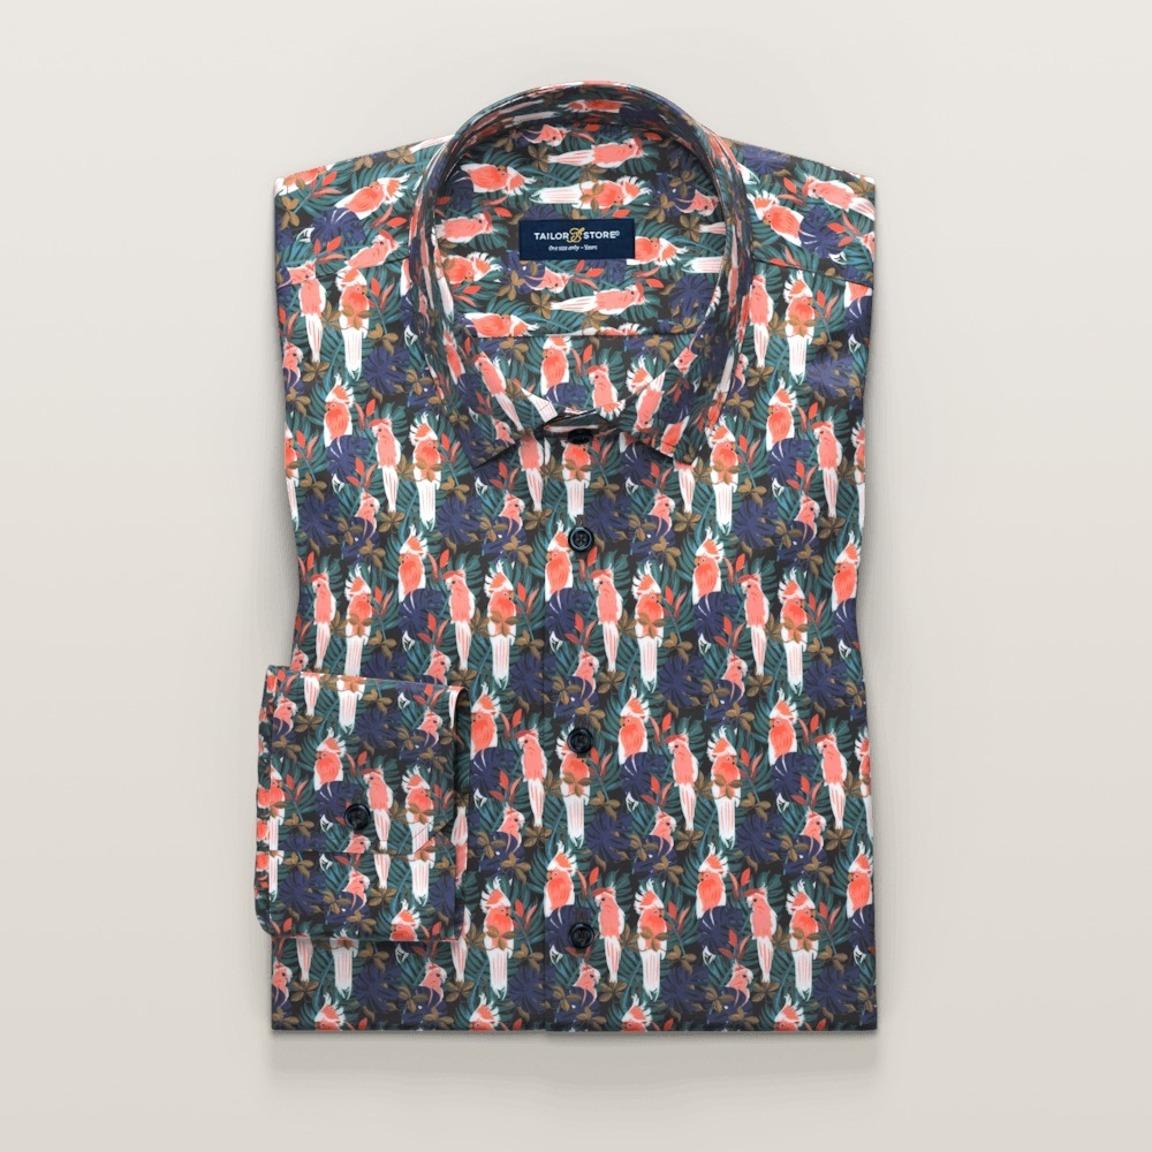 Skjorte i marineblå med påtrykt mønster